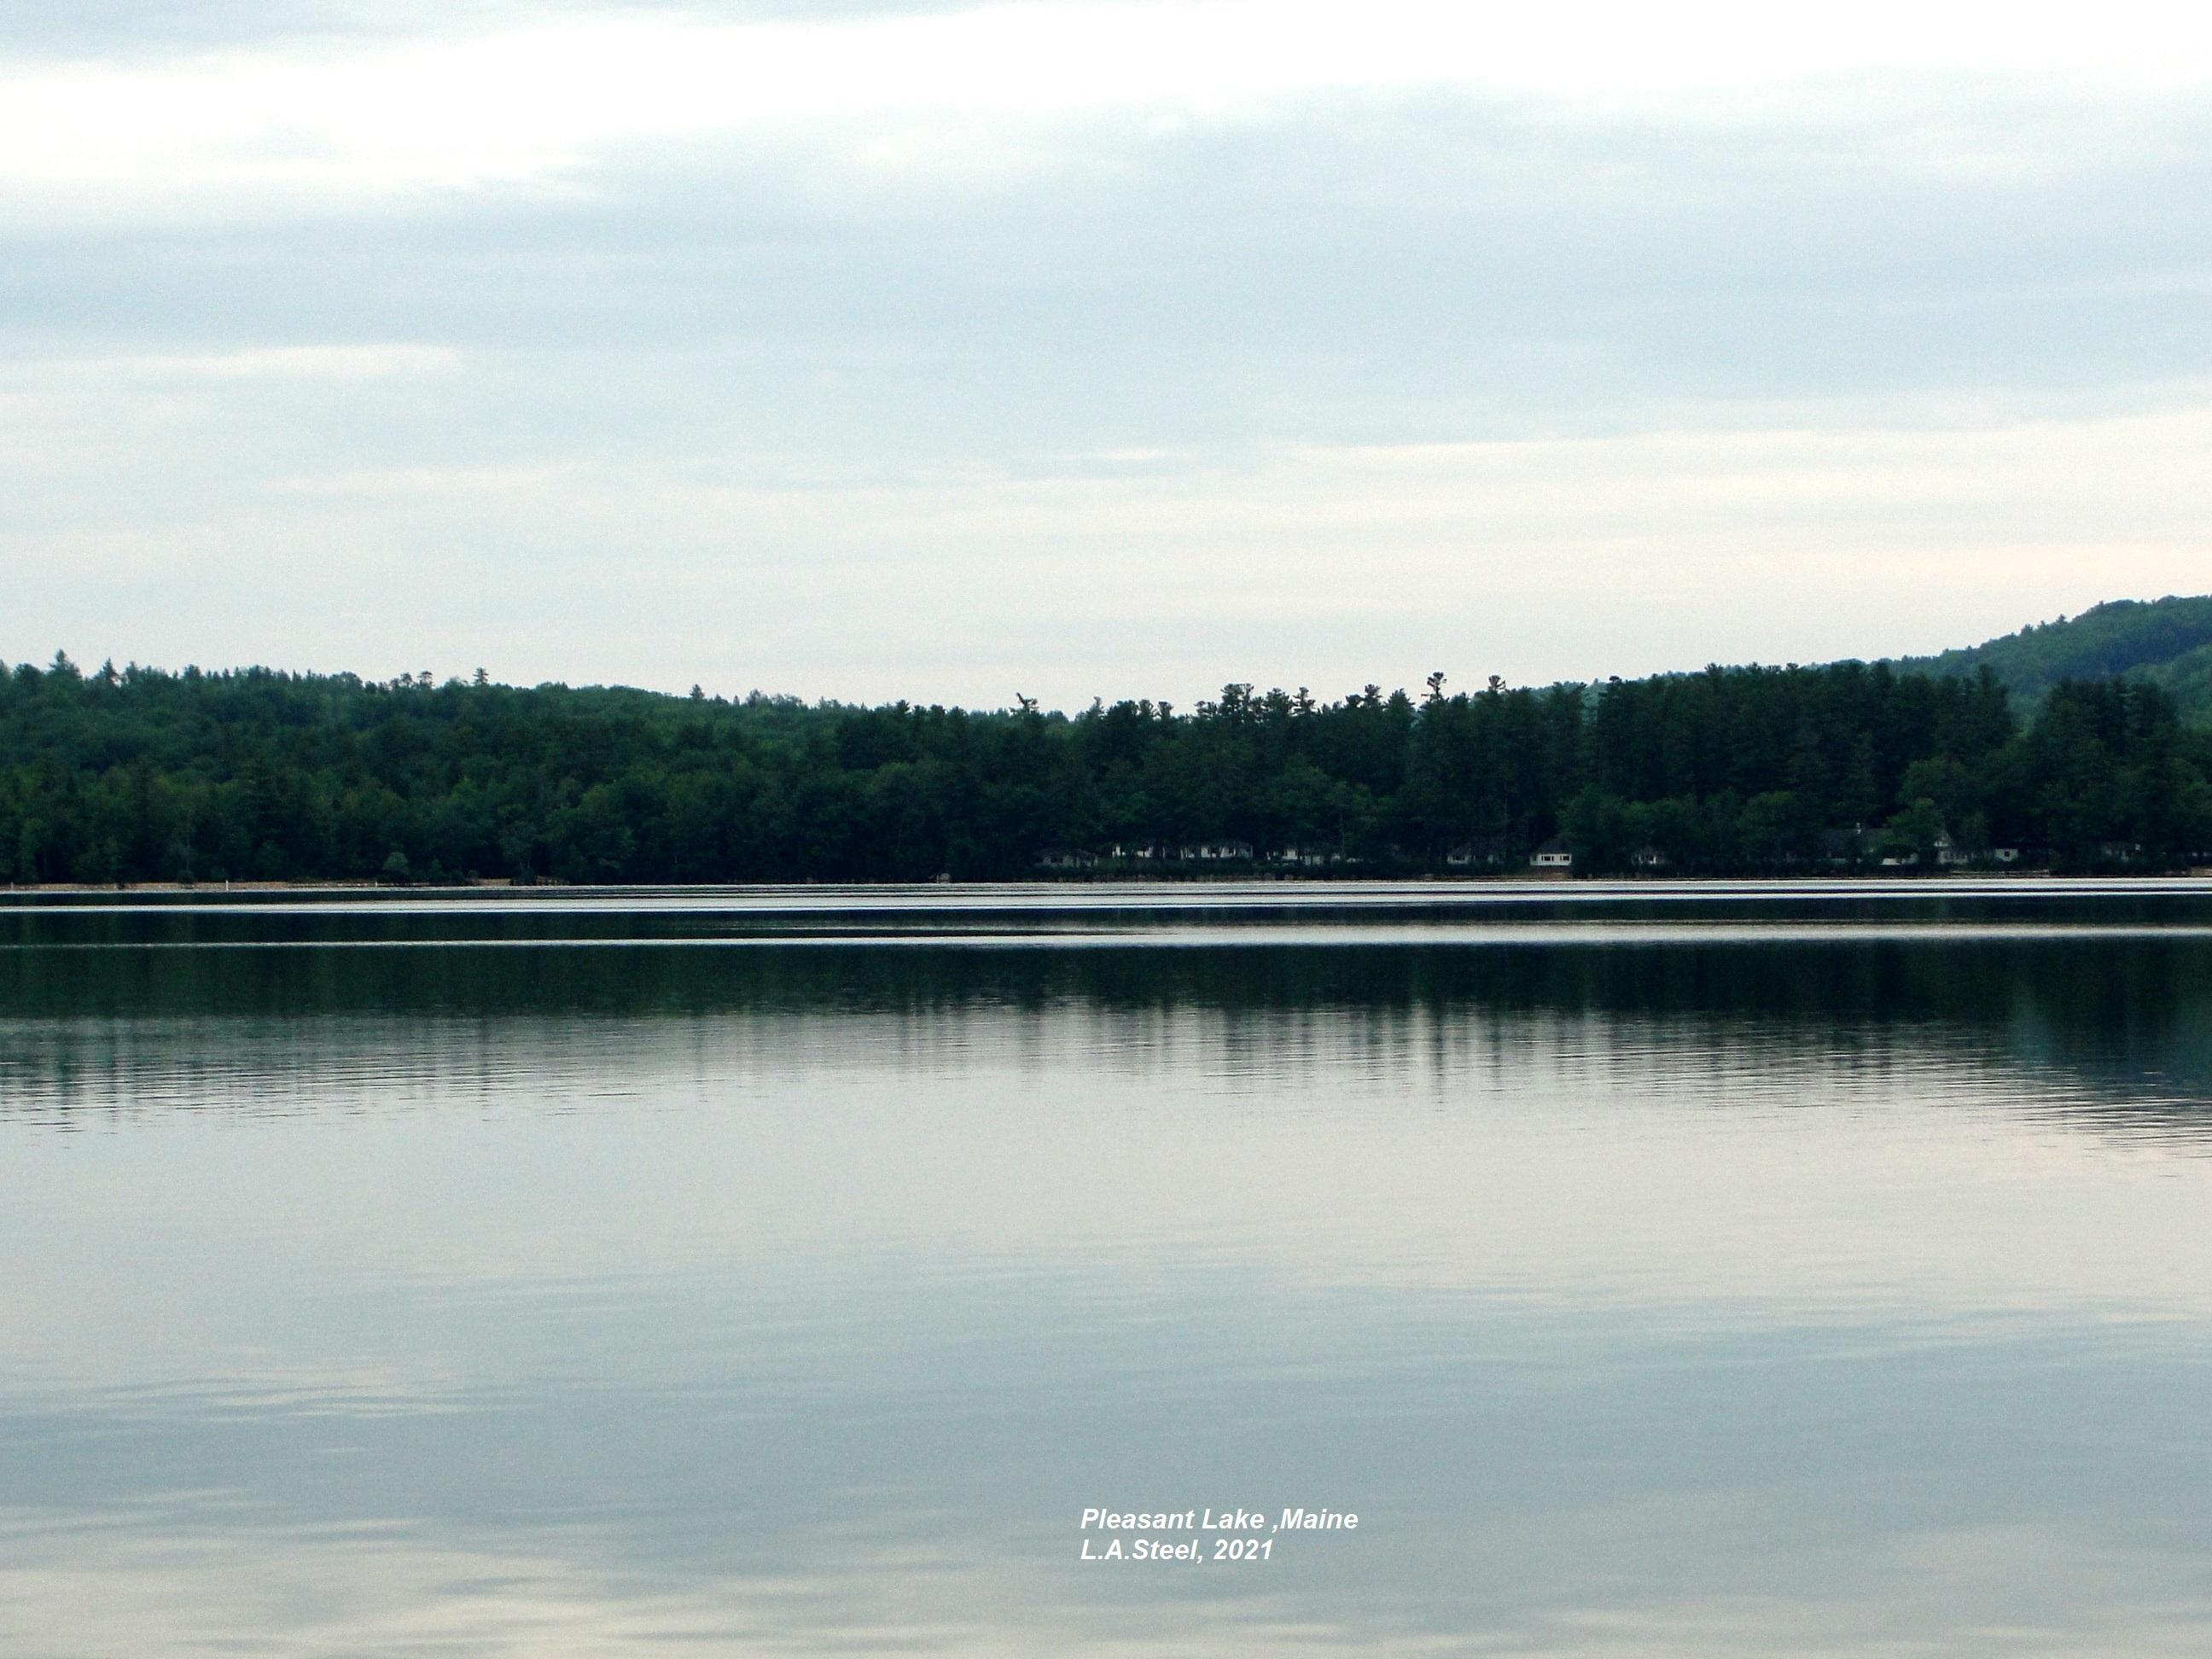 pleasant lake maine 2021.jpg 5